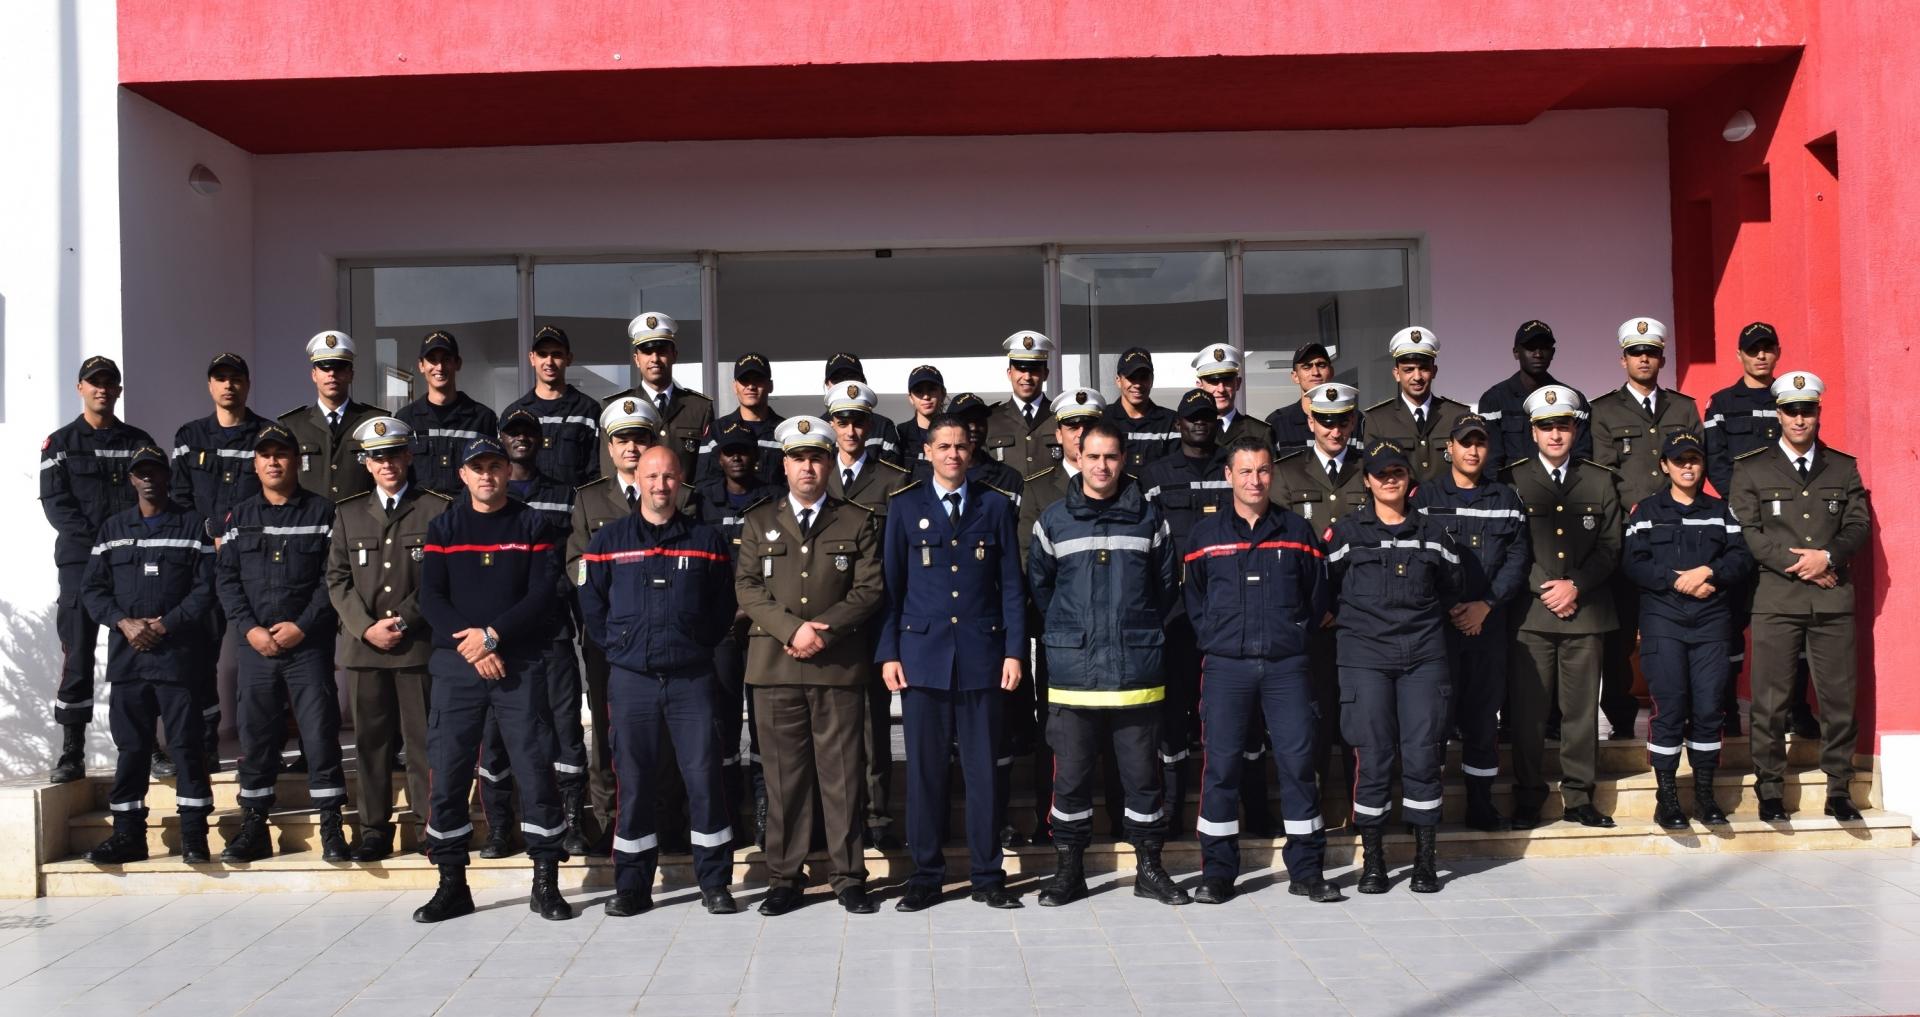 Visite des officiers de l'école d'application de la garde nationale de Bir Bouregba à L'Ecole Nationale de la Protection Civile(ENPC) de Jbel Jloud - Tunis